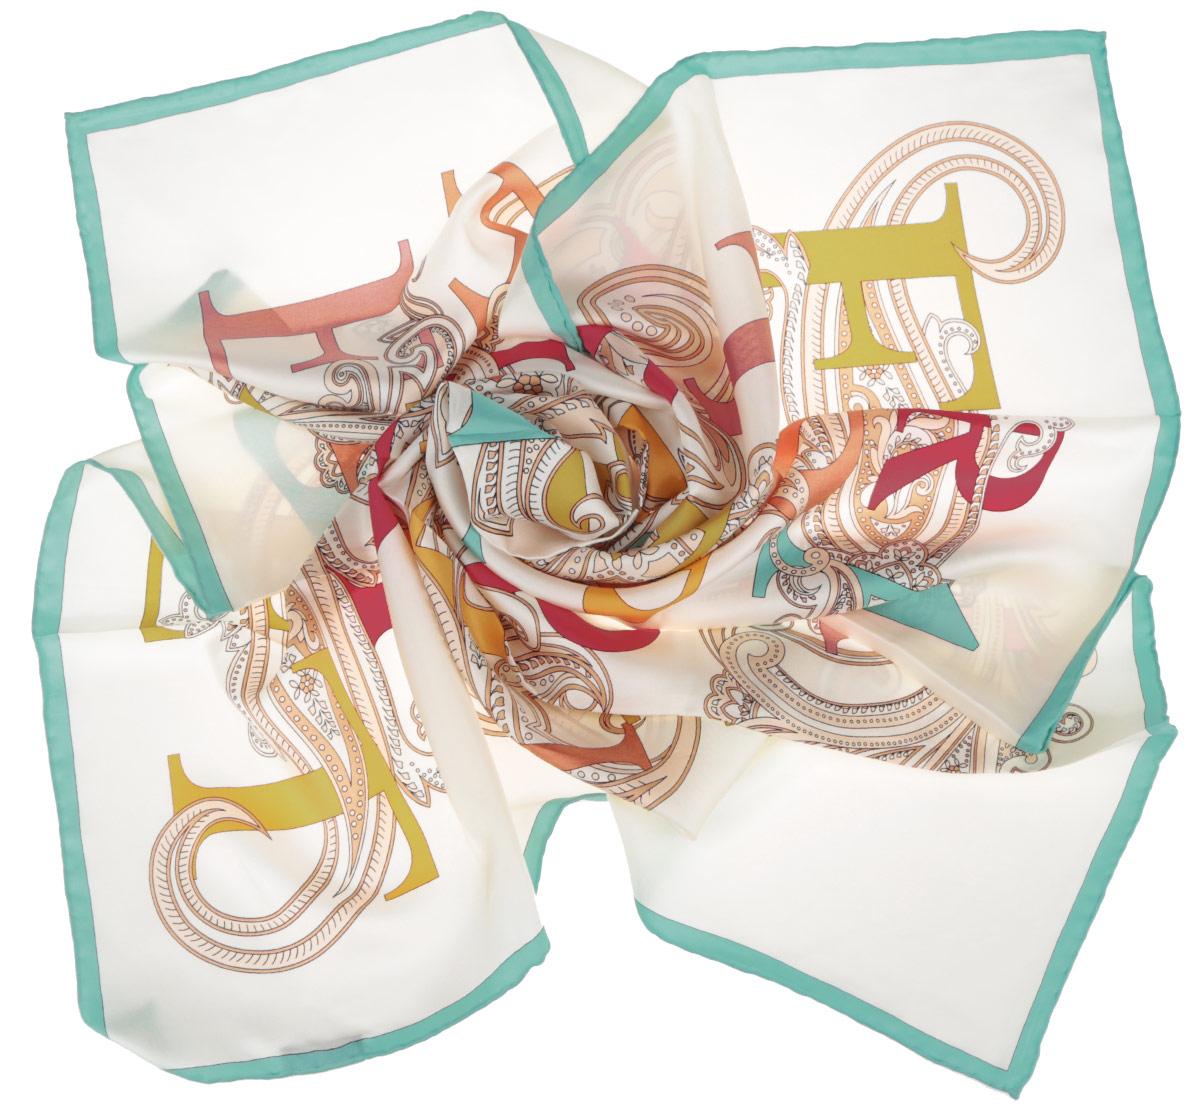 CX1516-44-8Стильный женский платок Fabretti станет великолепным завершением любого наряда. Платок изготовлен из высококачественного 100% шелка и оформлен красочным принтом с буквами на фоне цветочного орнамента. Классическая квадратная форма позволяет носить платок на шее, украшать им прическу или декорировать сумочку. Мягкий и шелковистый платок поможет вам создать изысканный женственный образ, а также согреет в непогоду. Такой платок превосходно дополнит любой наряд и подчеркнет ваш неповторимый вкус и элегантность.